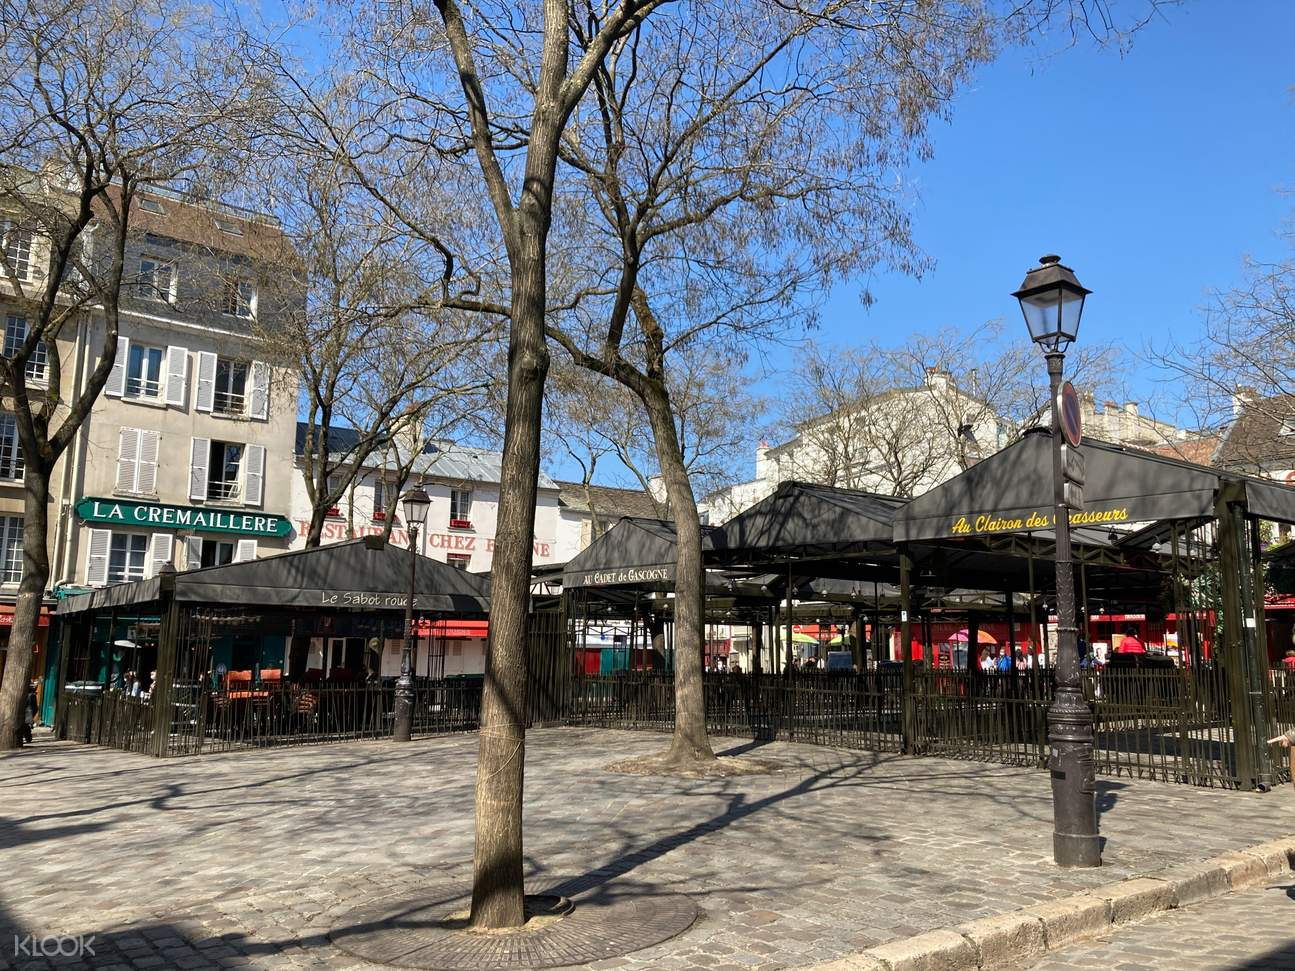 防疫旅遊 巴黎文藝花都線上真人導覽 蒙馬特高地的藝術和文化